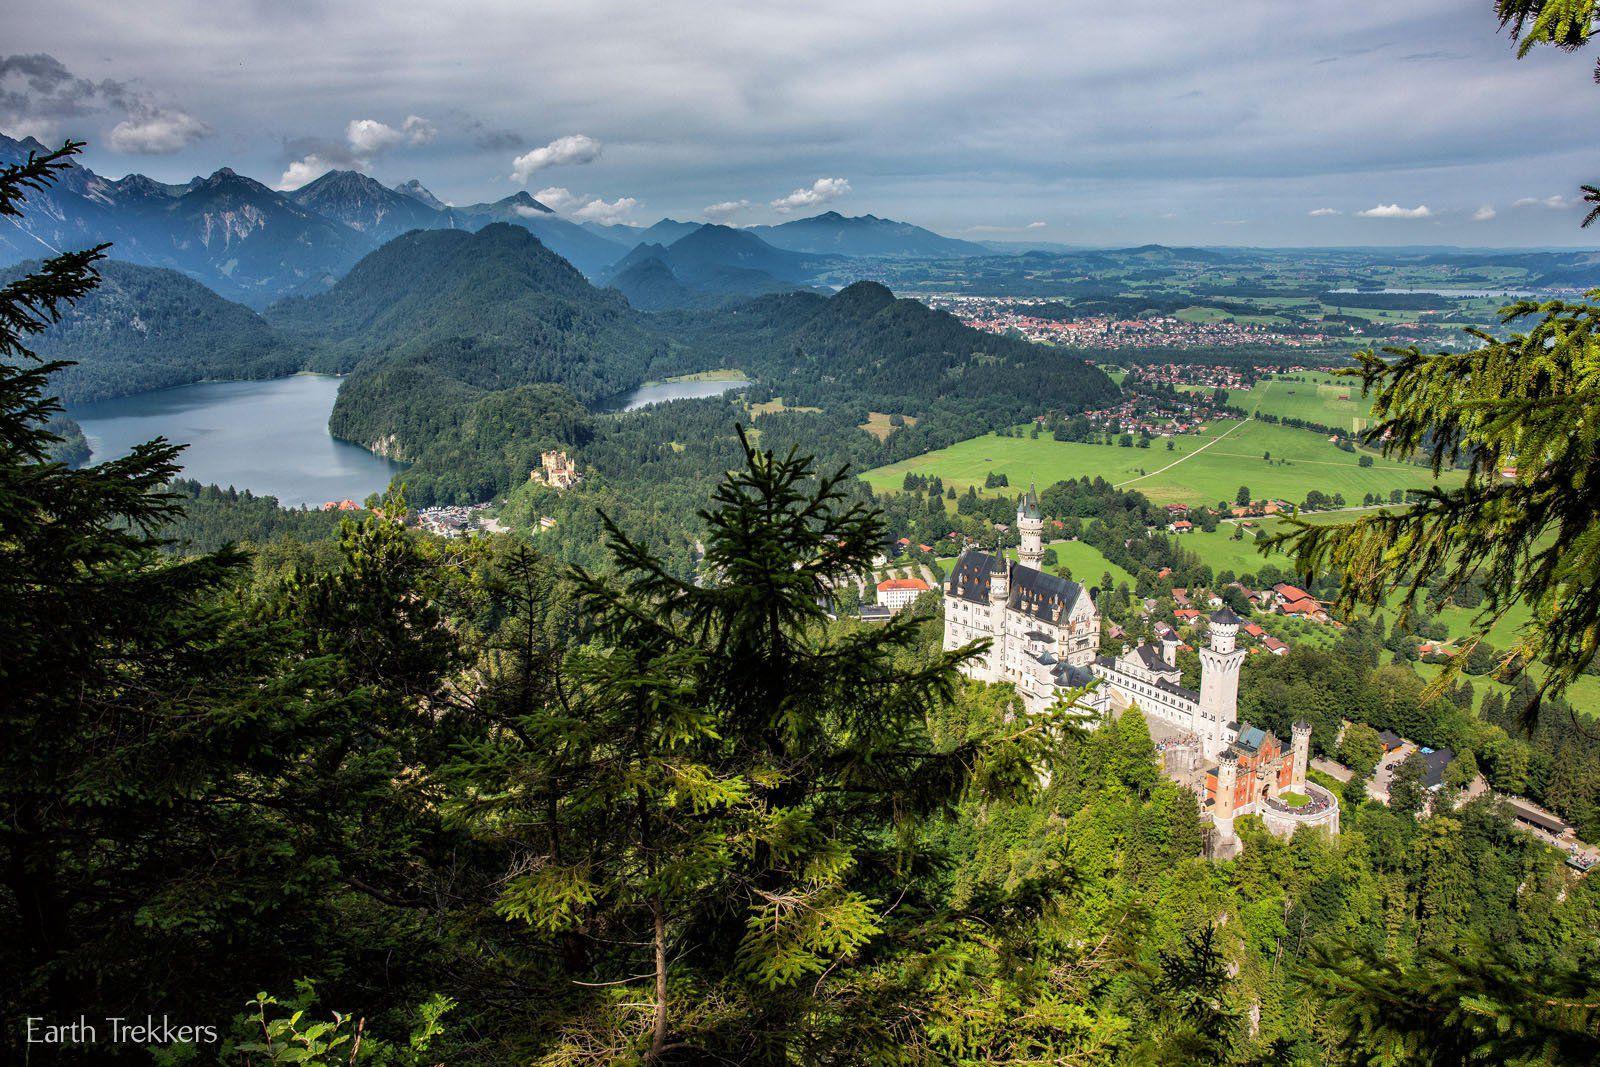 Over Neuschwanstein